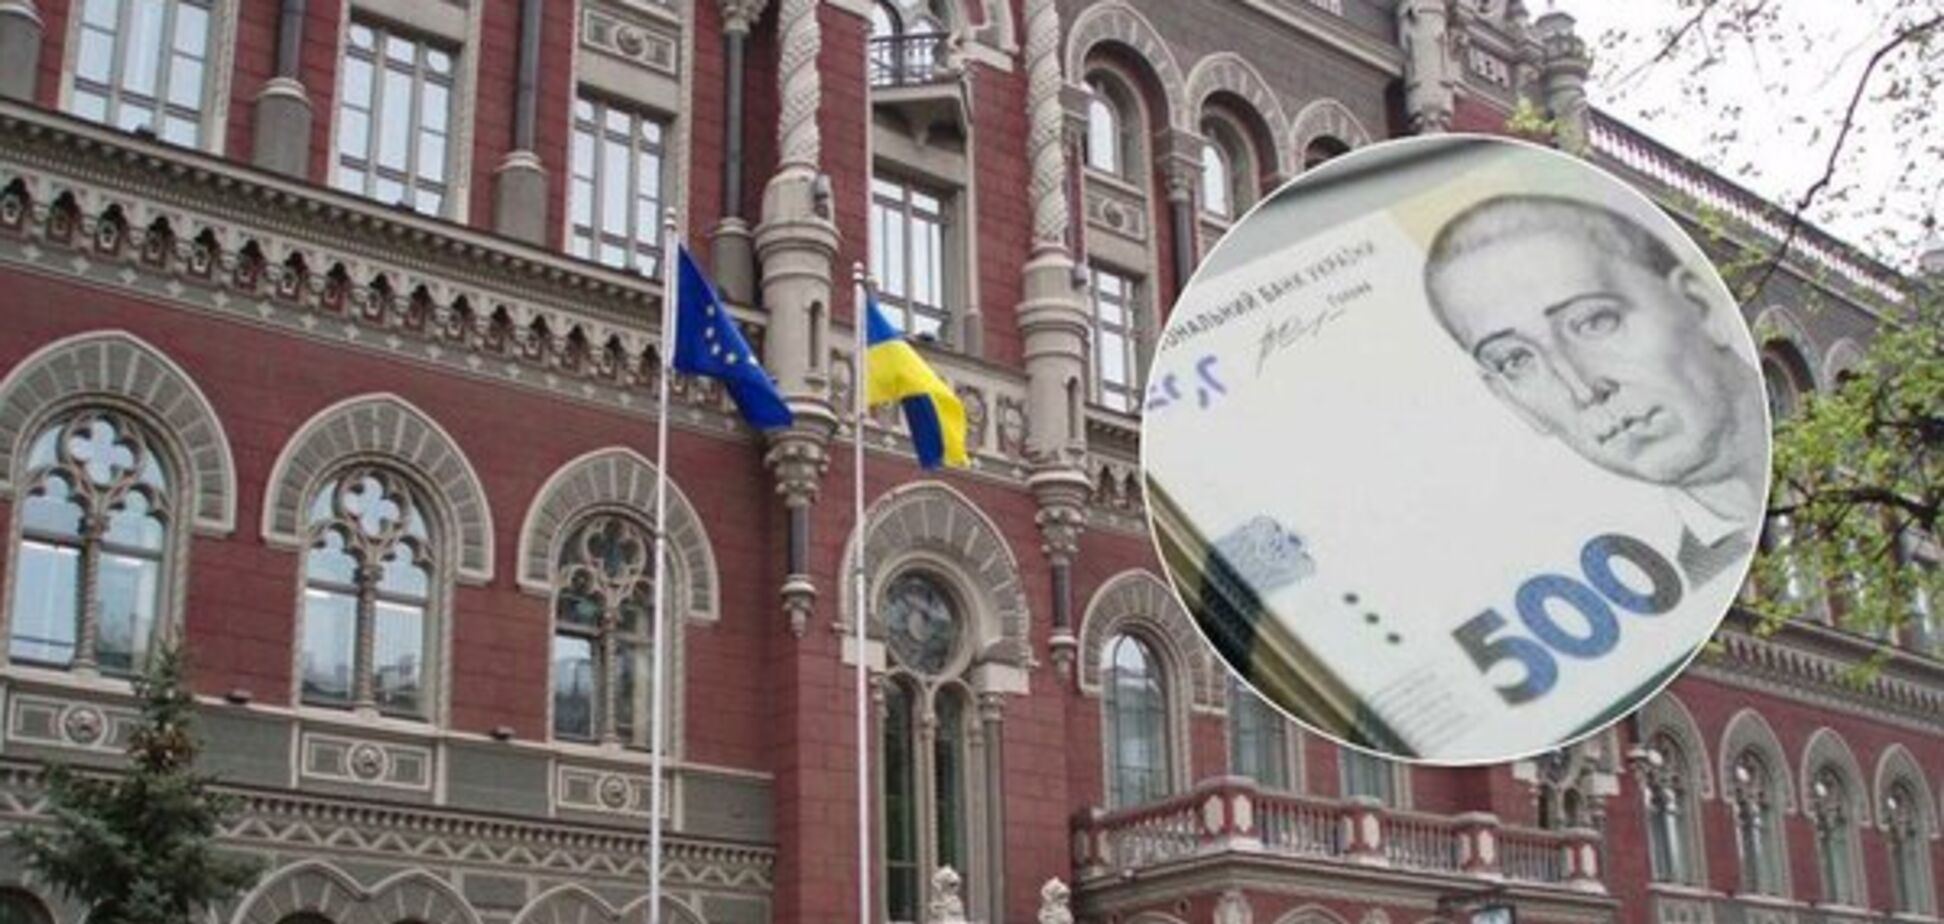 В Украине банки блокируют переводы: в НБУ рассказали, как правильно оформить жалобу